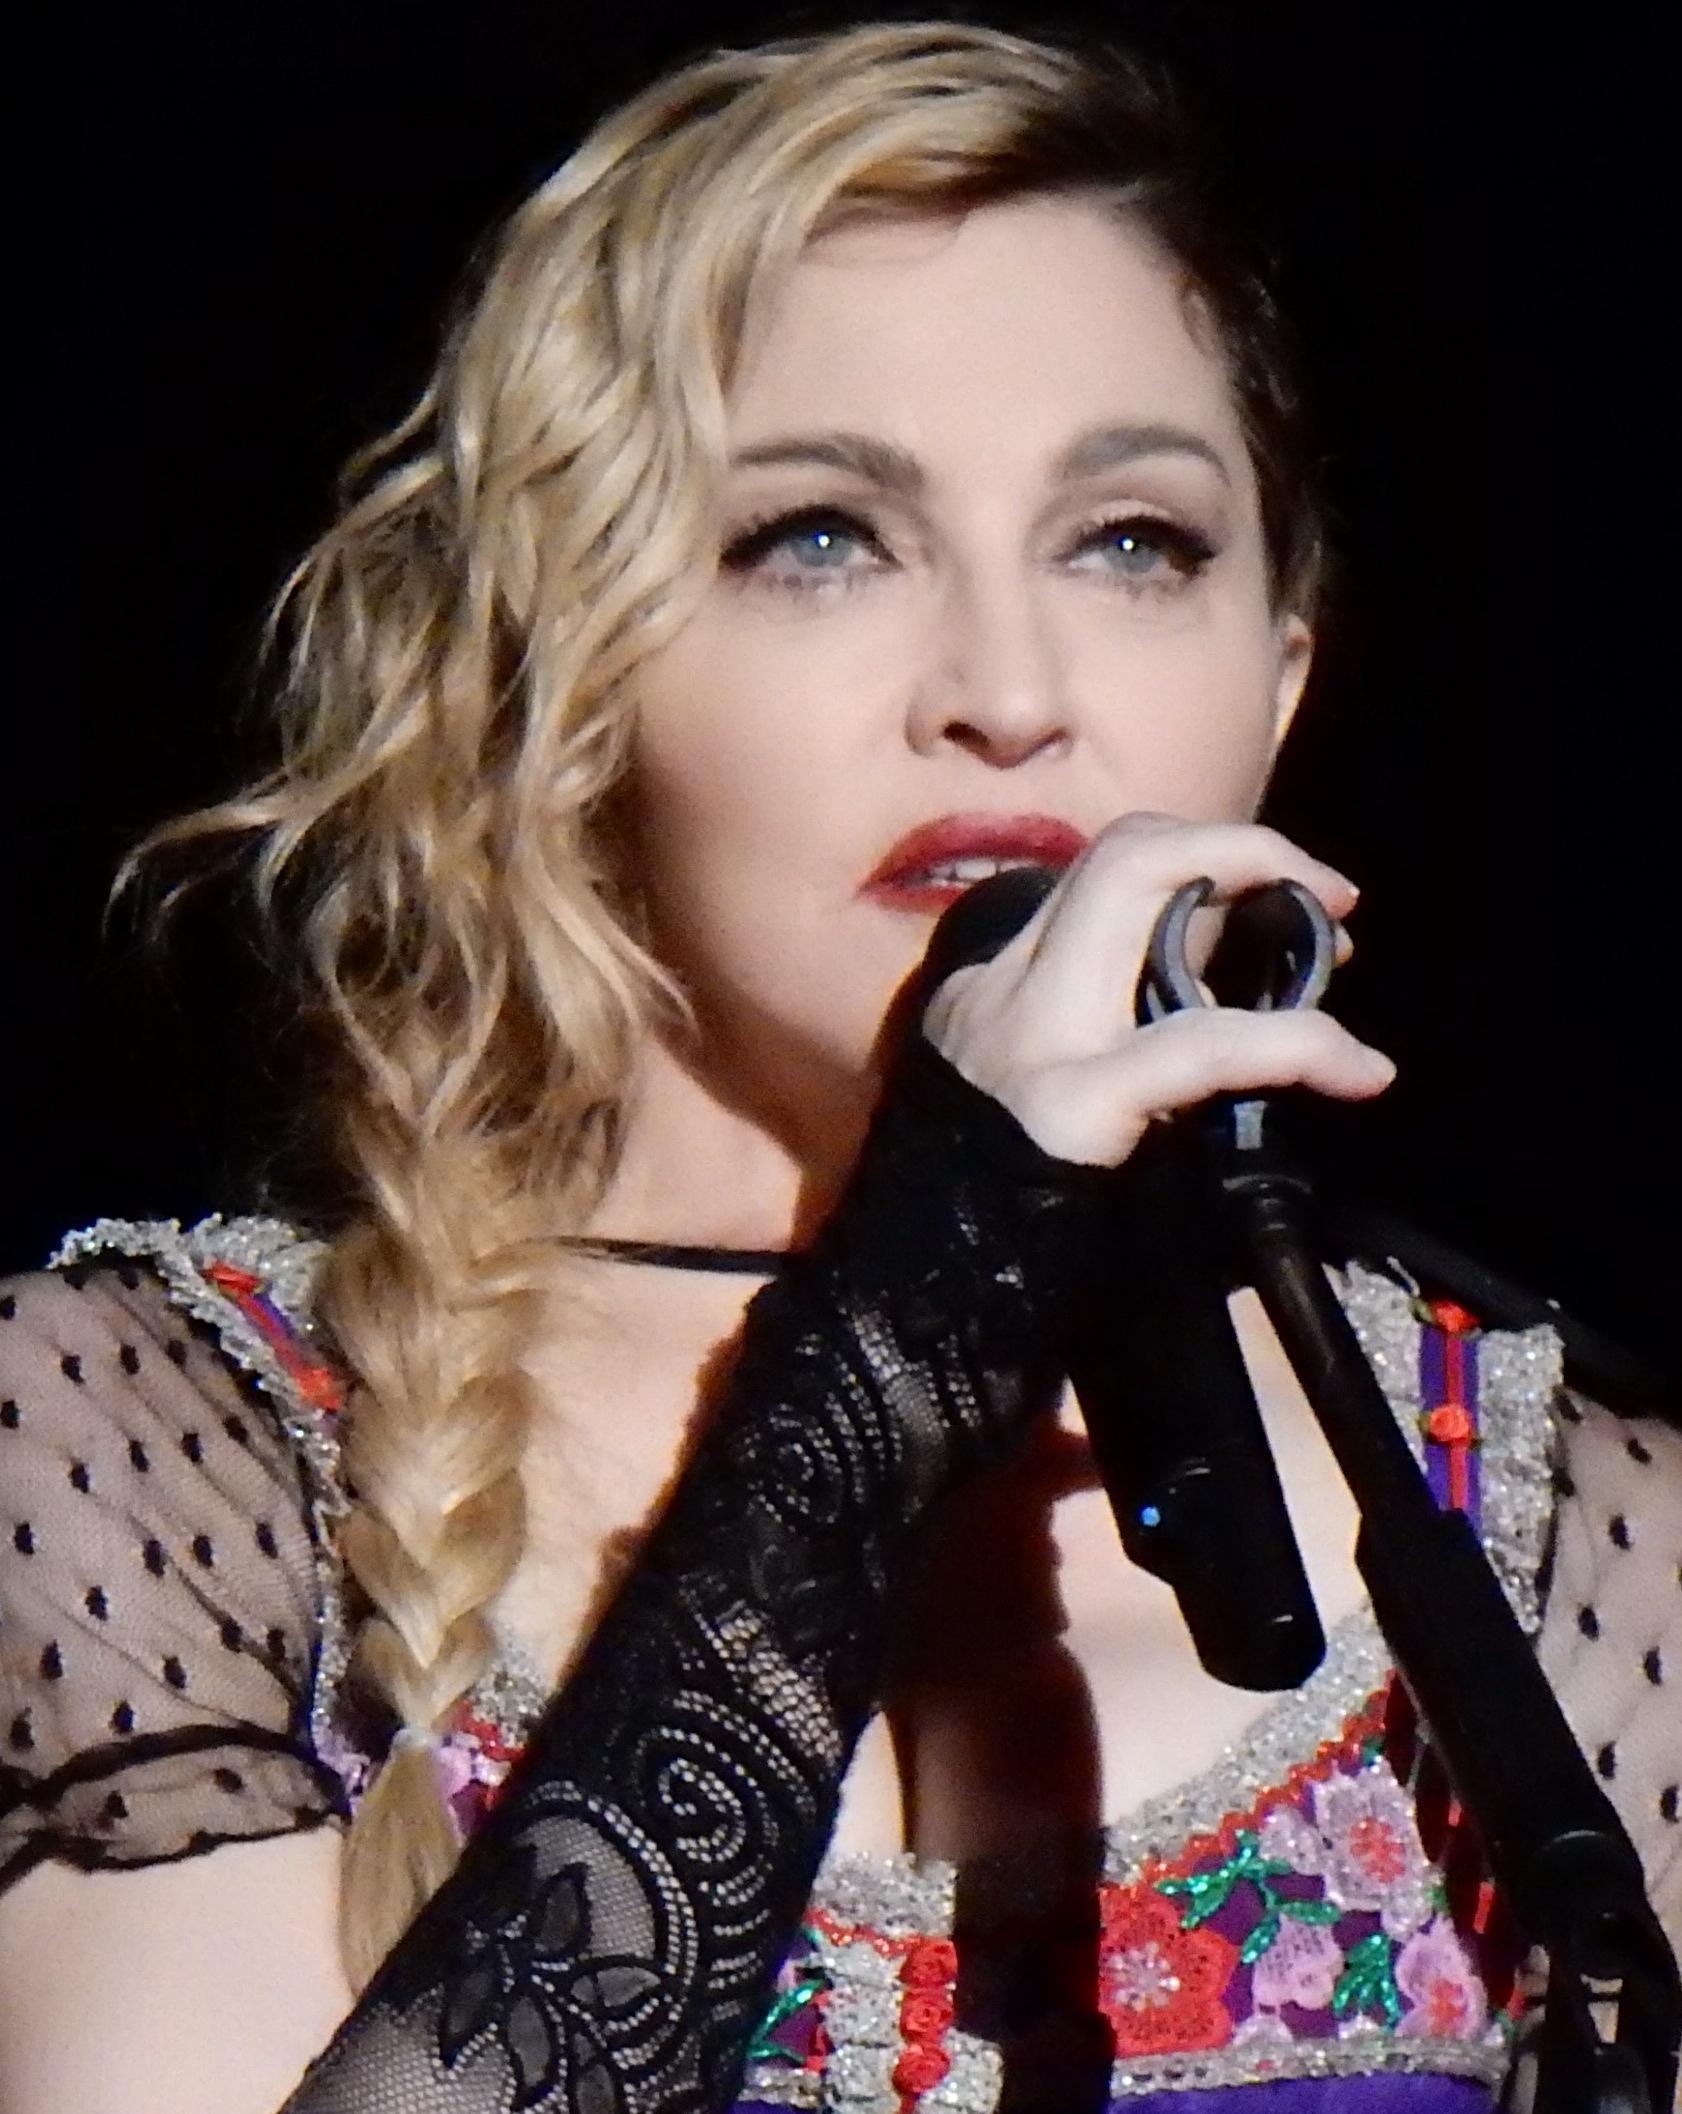 Madonna_Rebel_Heart_Tour_2015_-_Stockholm_(23051472299)_(cropped_2).jpg